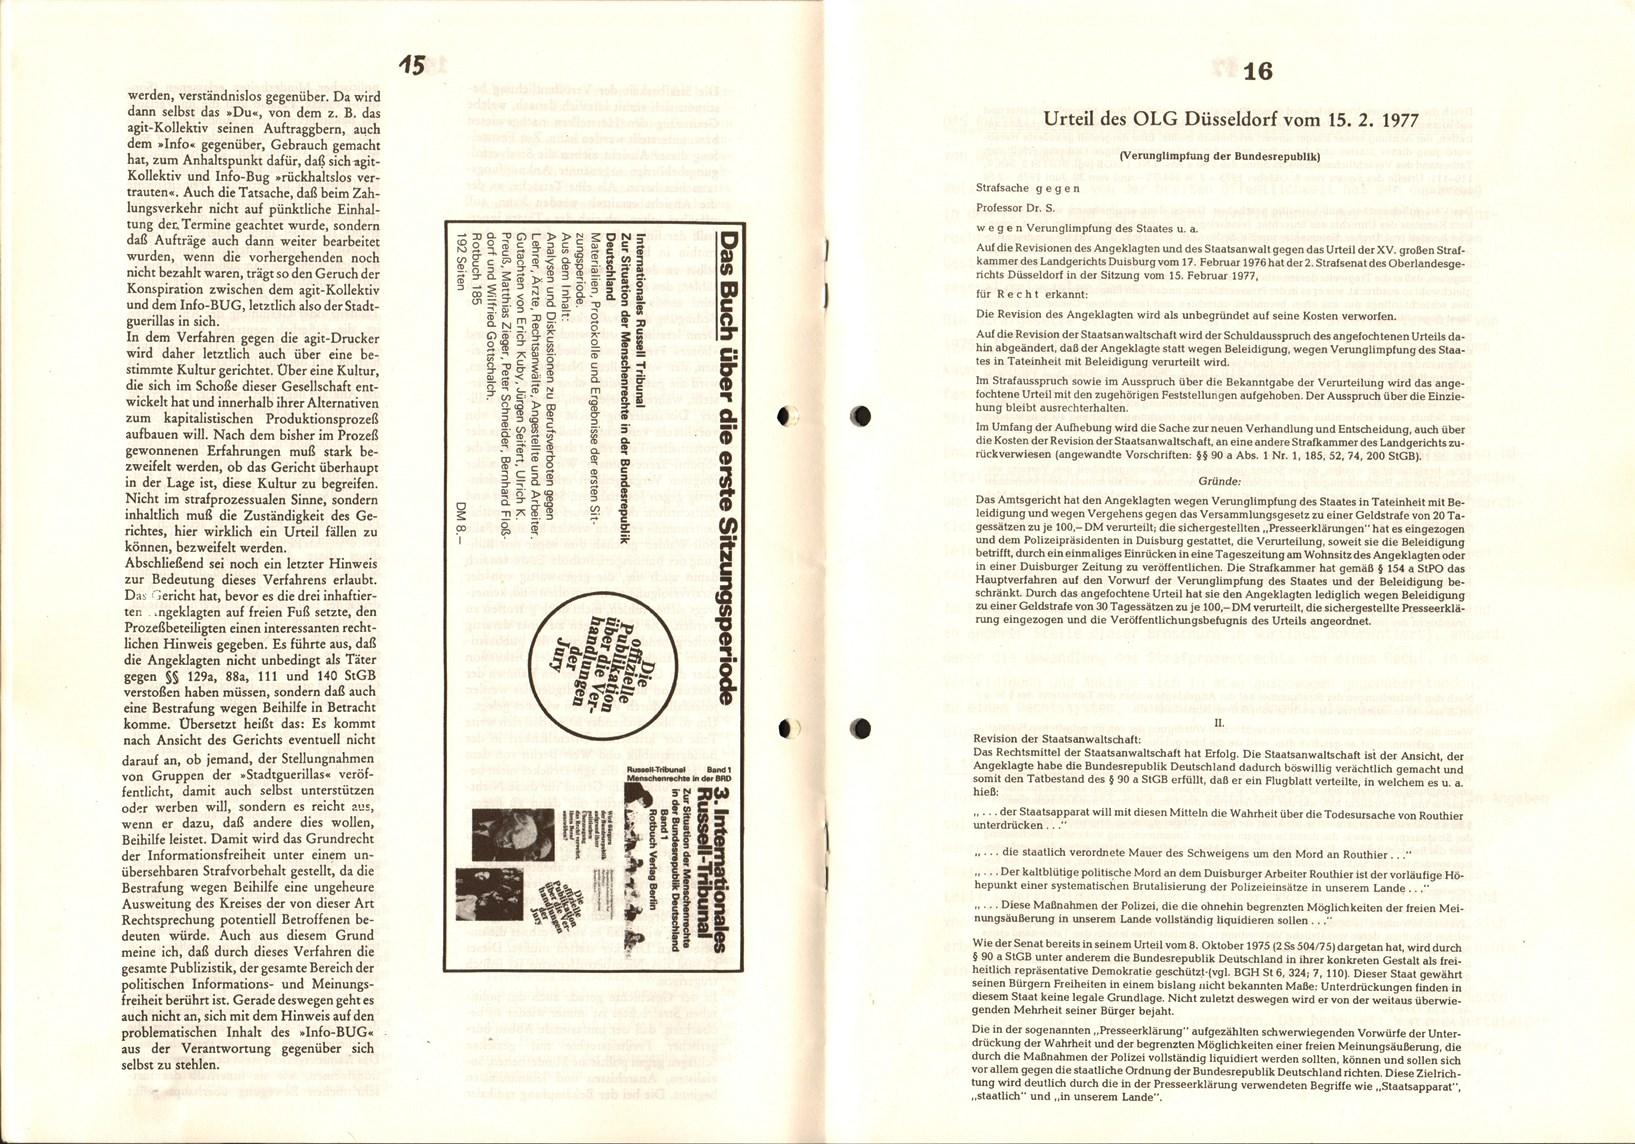 RT_Zur_zweiten_Sitzungsperiode_1979_11